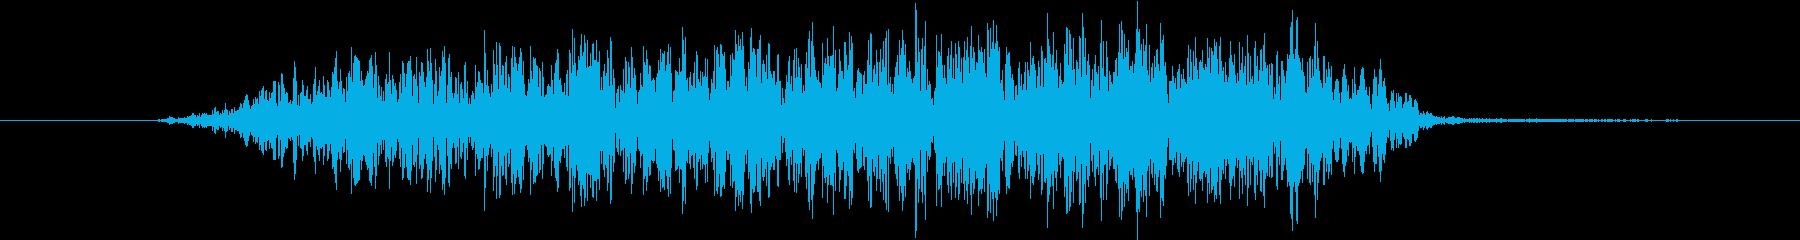 幽霊 ダイスクリーム03の再生済みの波形